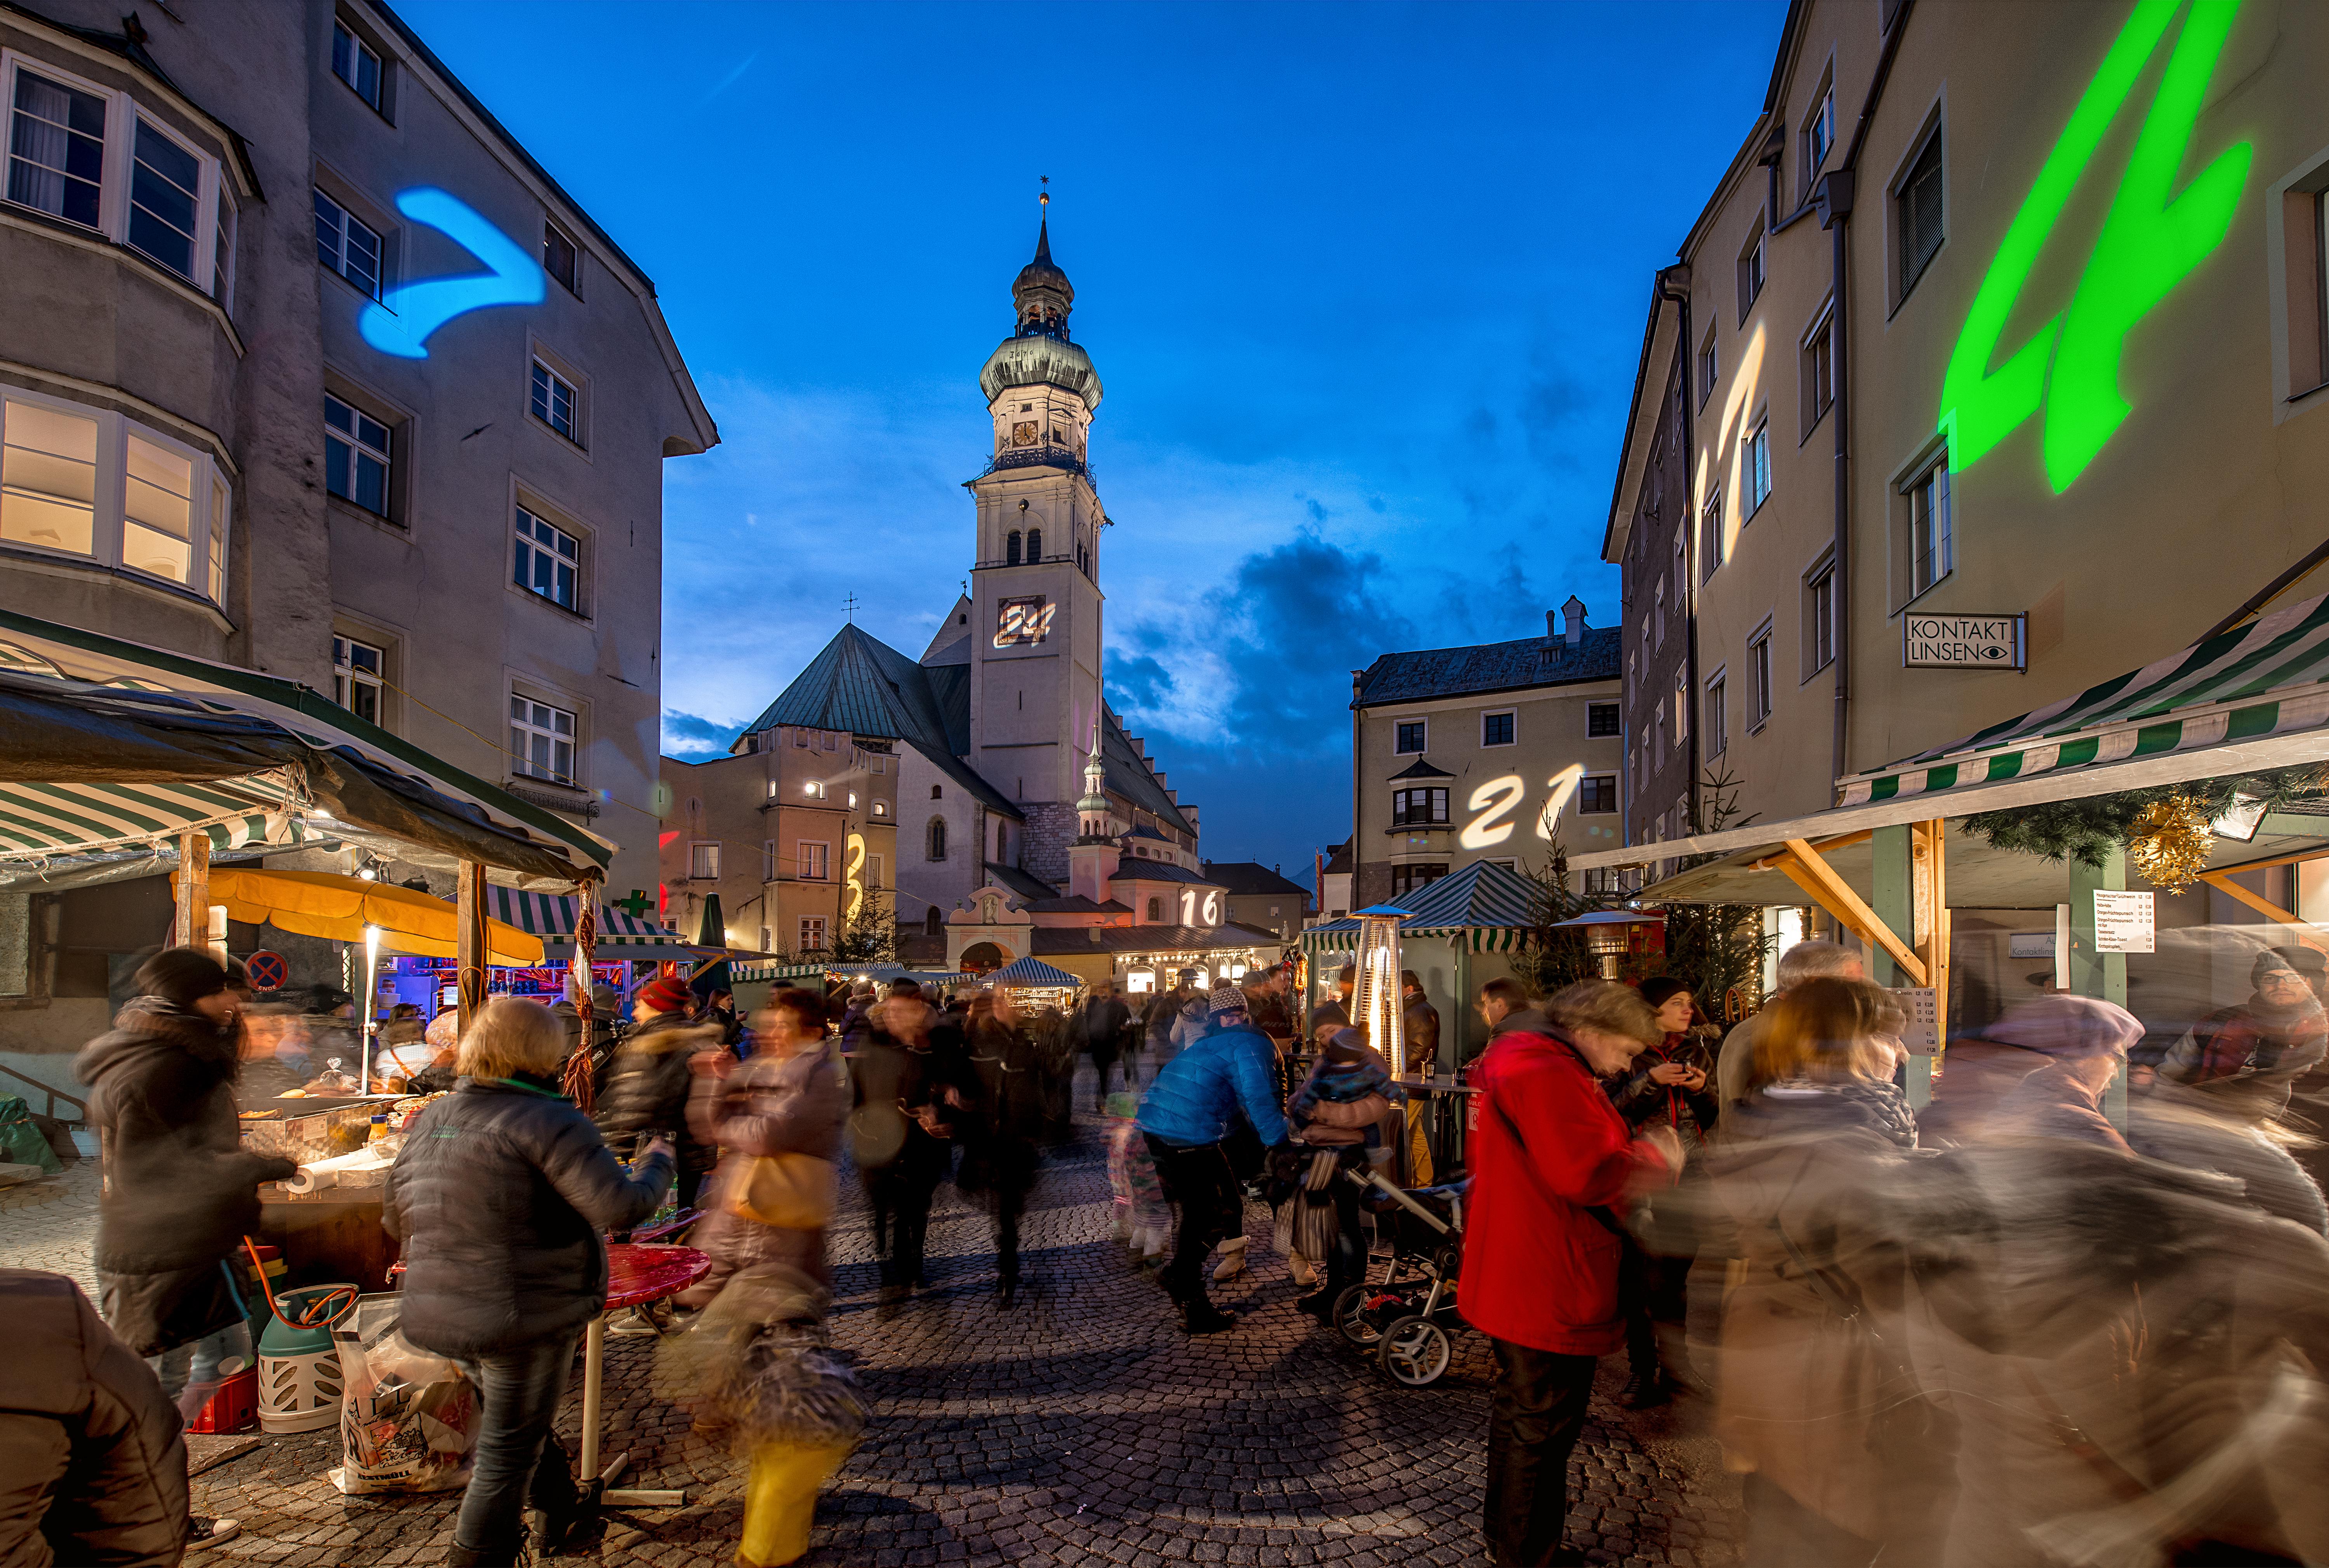 Der Obere Stadtplatz in Hall erleuchtet zur Weihnachtszeit besonders festlich.